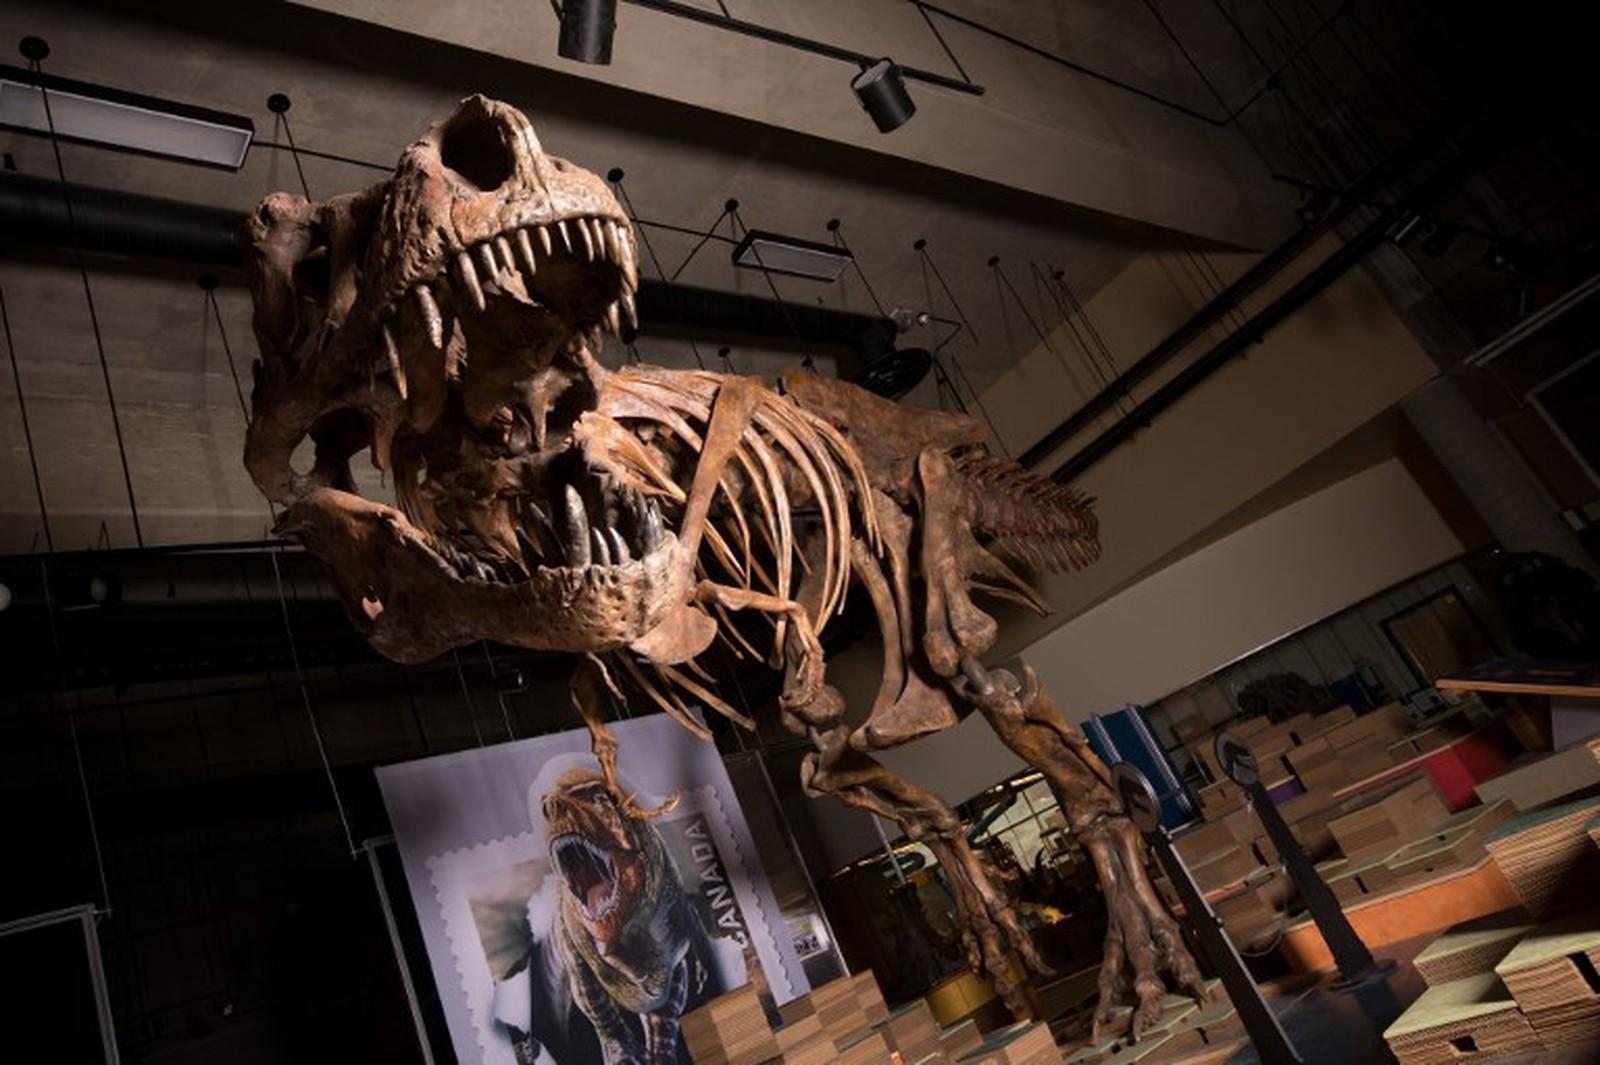 Tiranossauro Rex encontrado no Canadá em 1991 é o maior do mundo